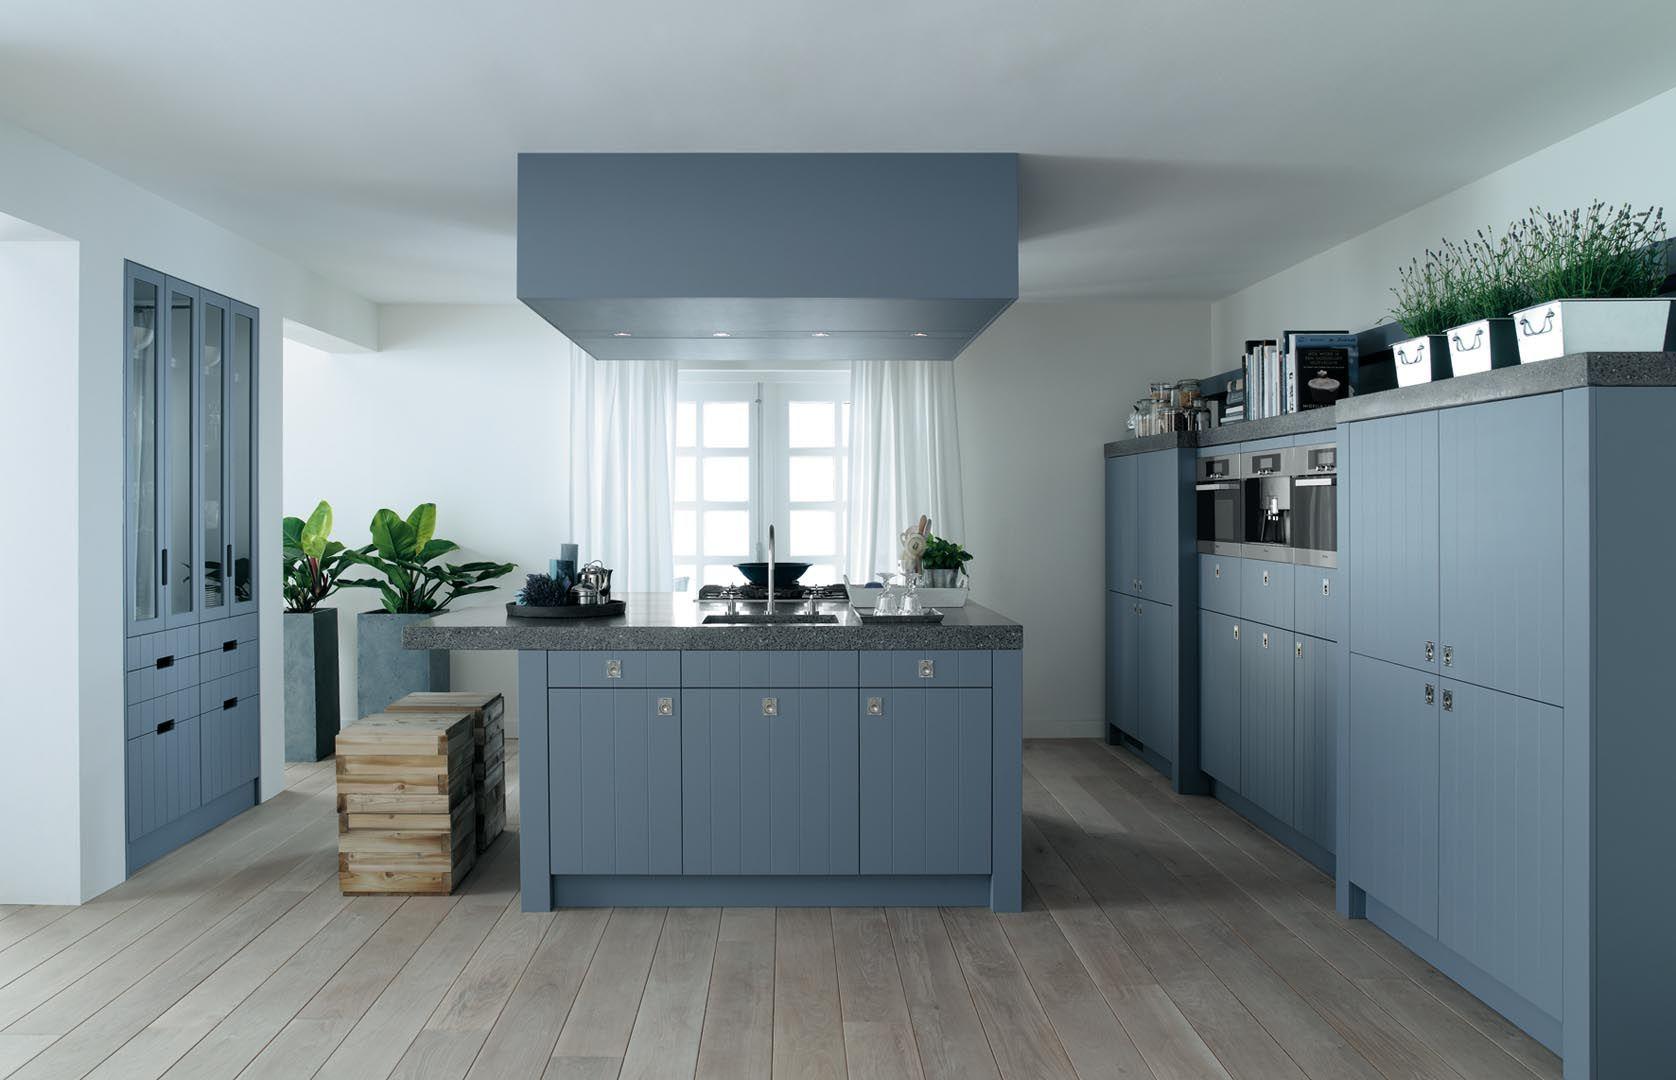 Kastjes Open Keuken : Open keuken binnenruimte